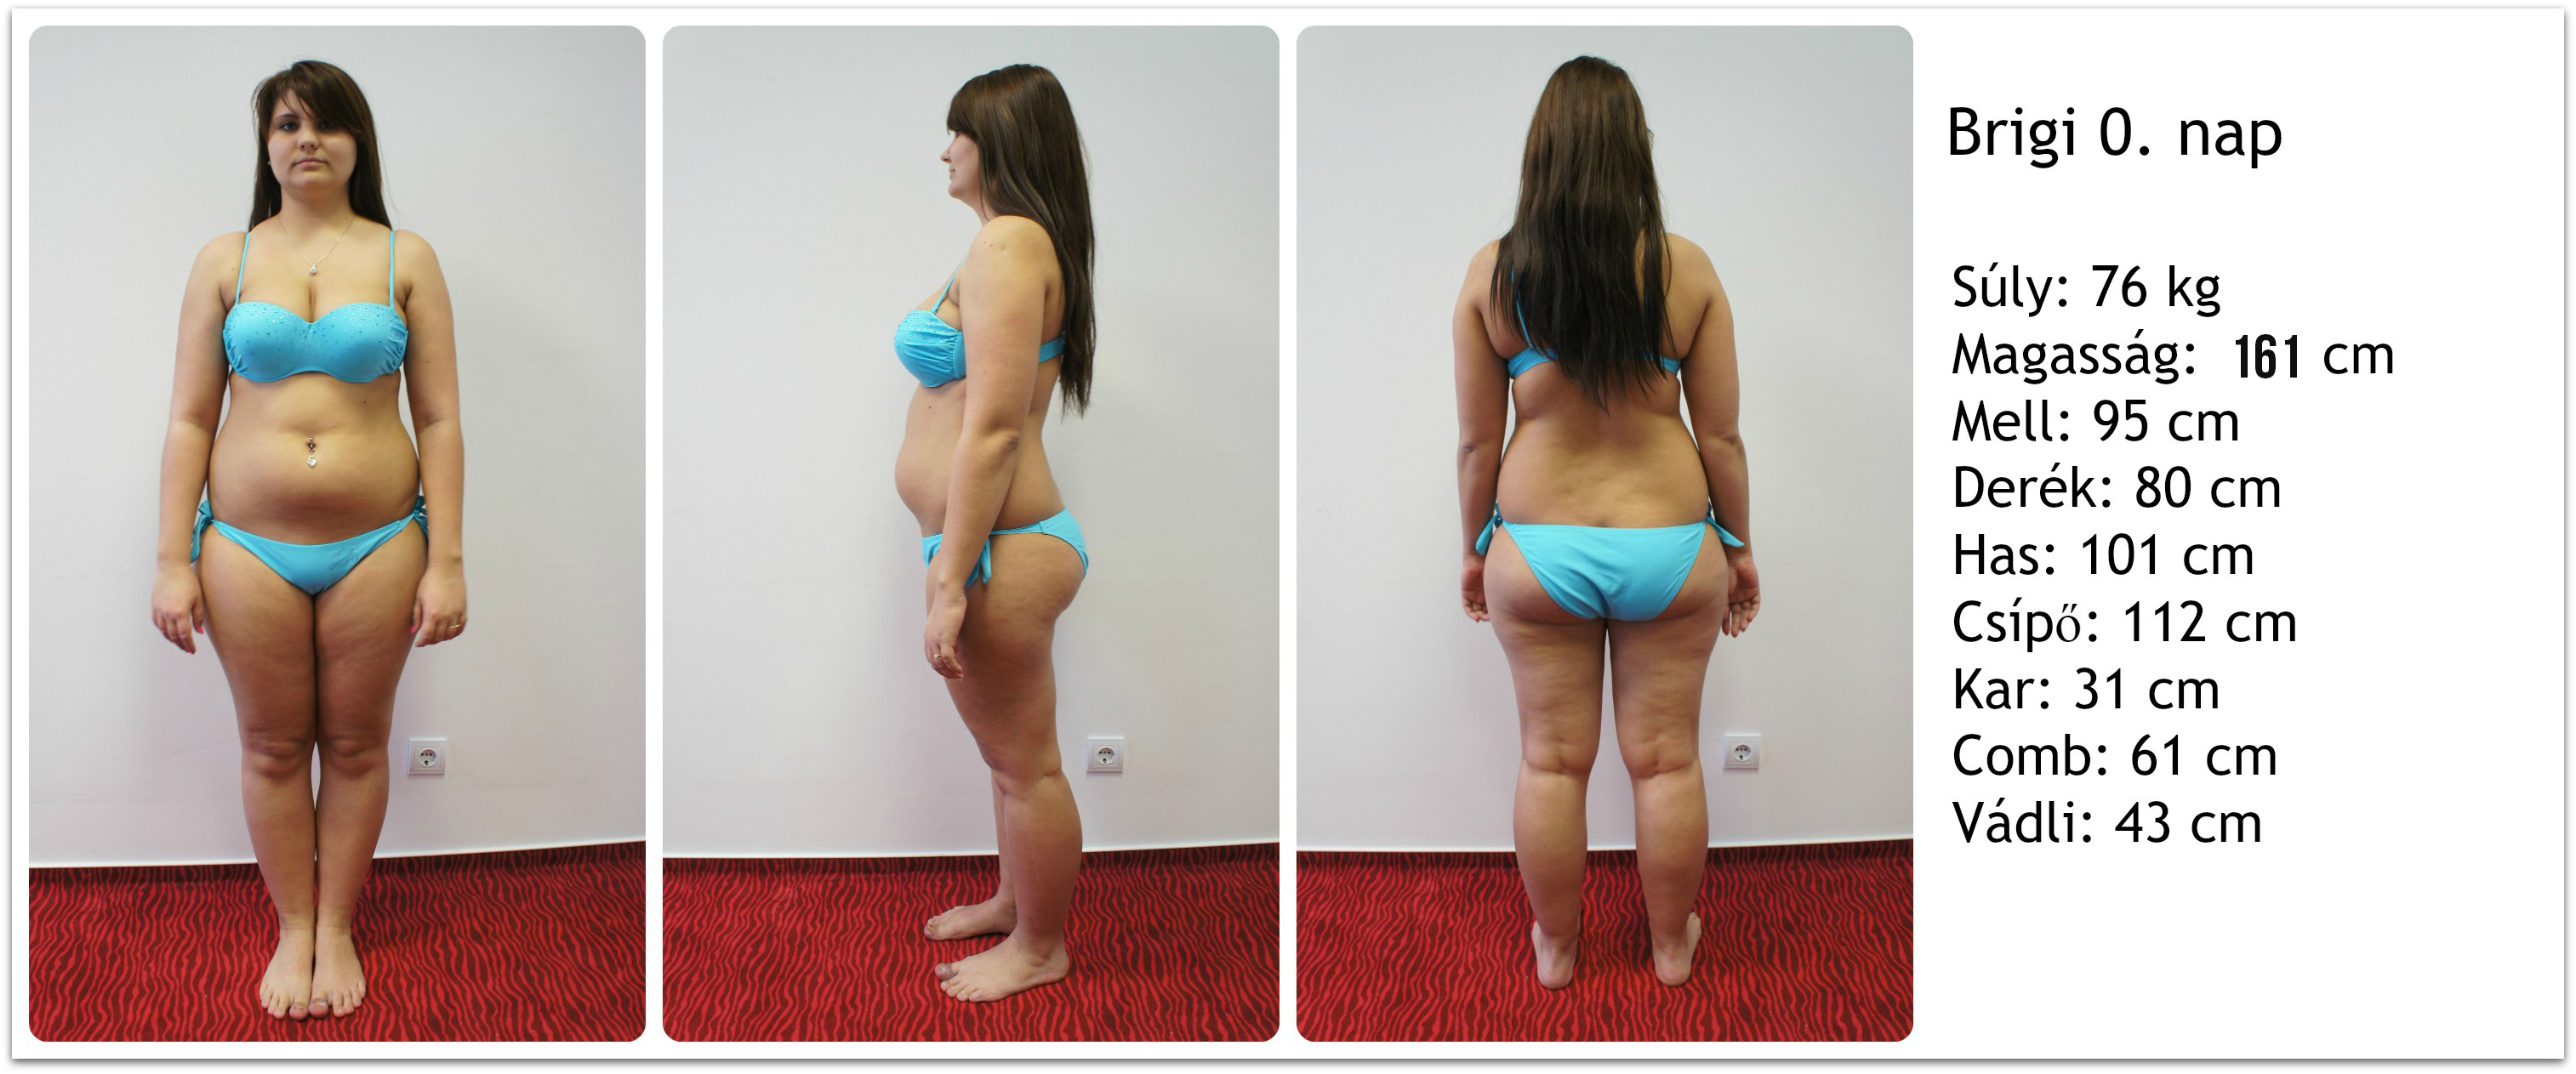 Így fogyott le Király Linda 3 hónap alatt -25 kilót